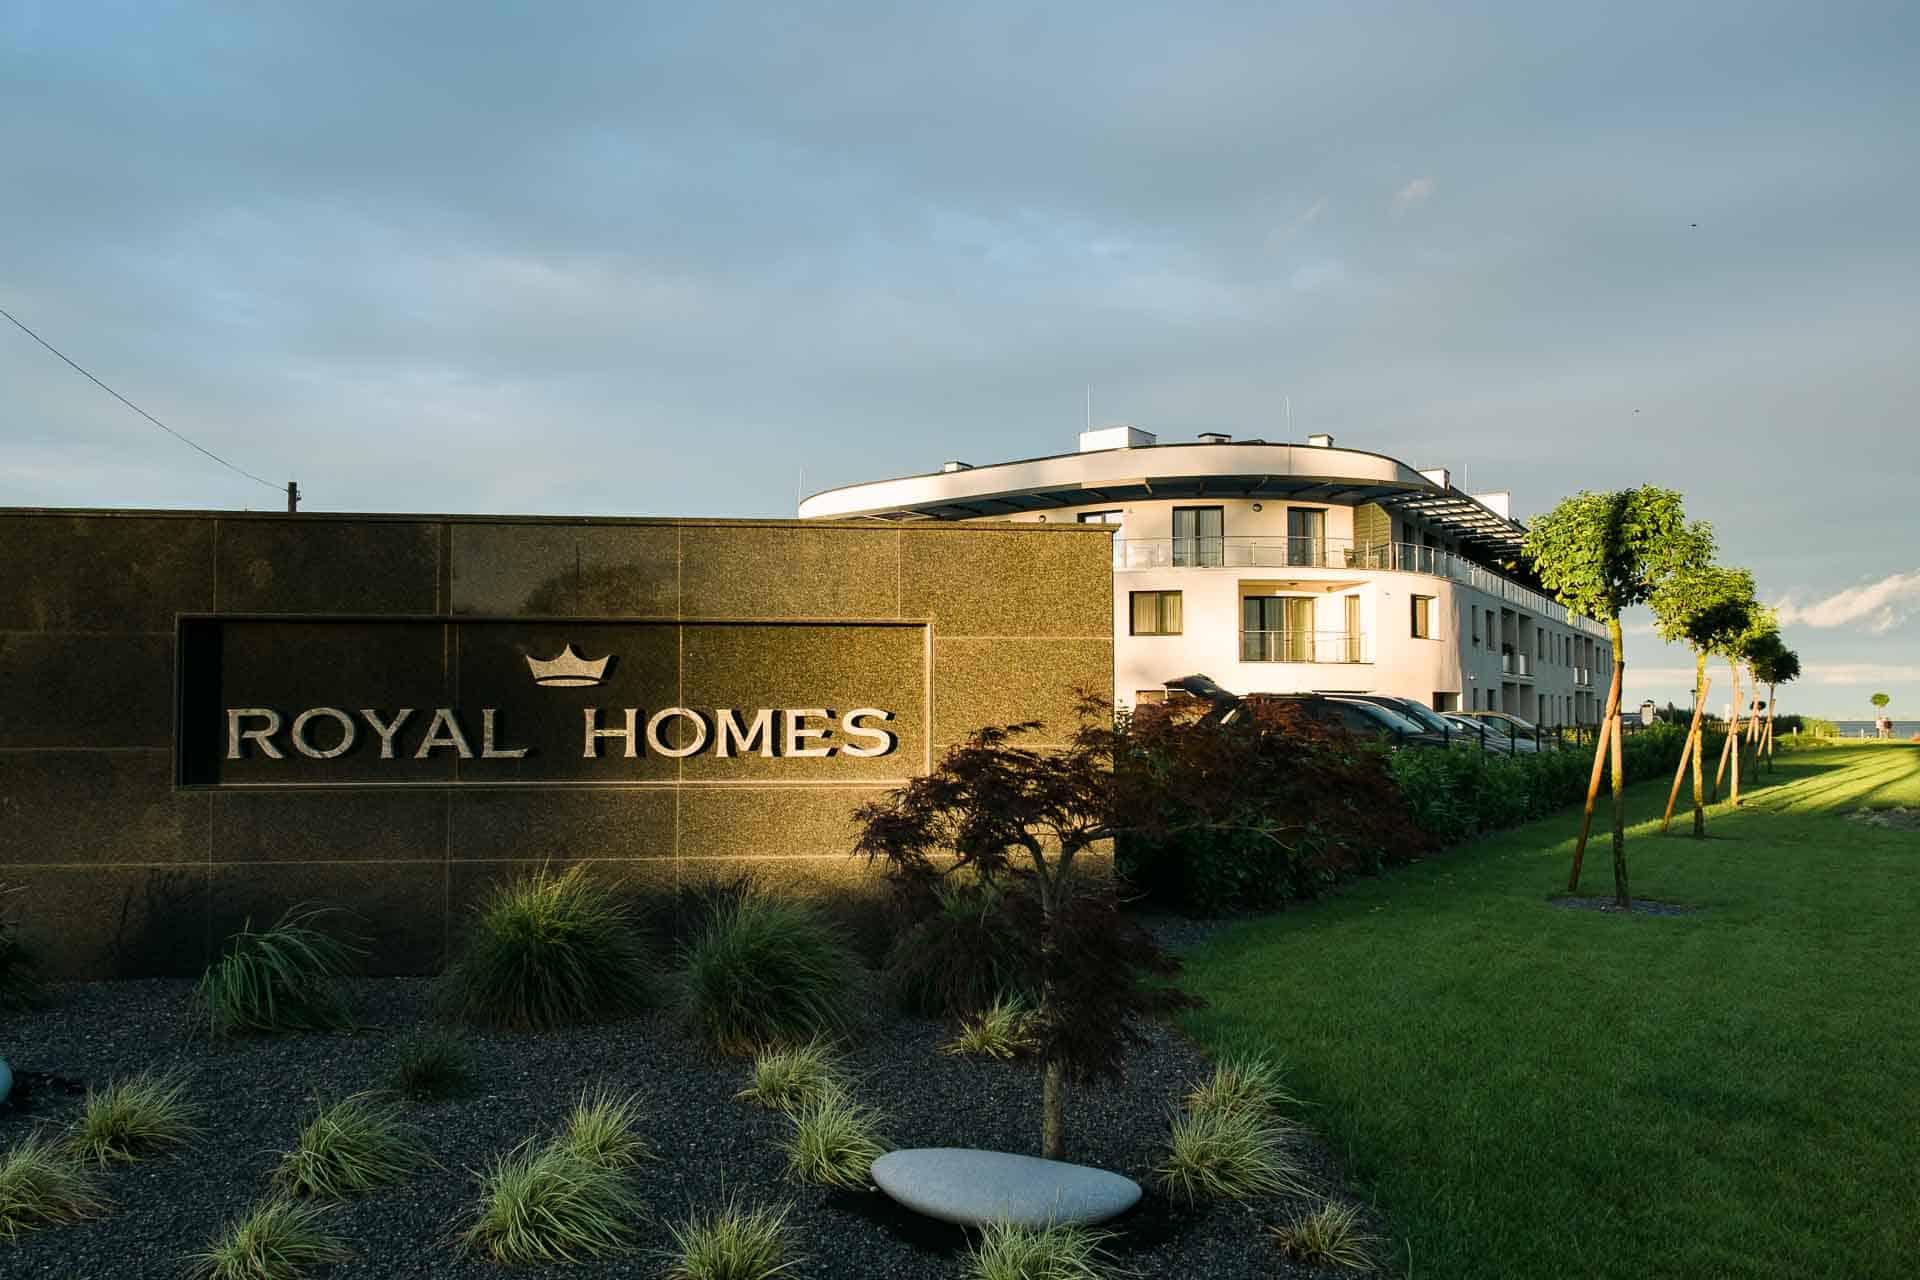 Vízparti balatoni panorámás Apartmanok Keszthely - Royal Homes apartmanház épület.